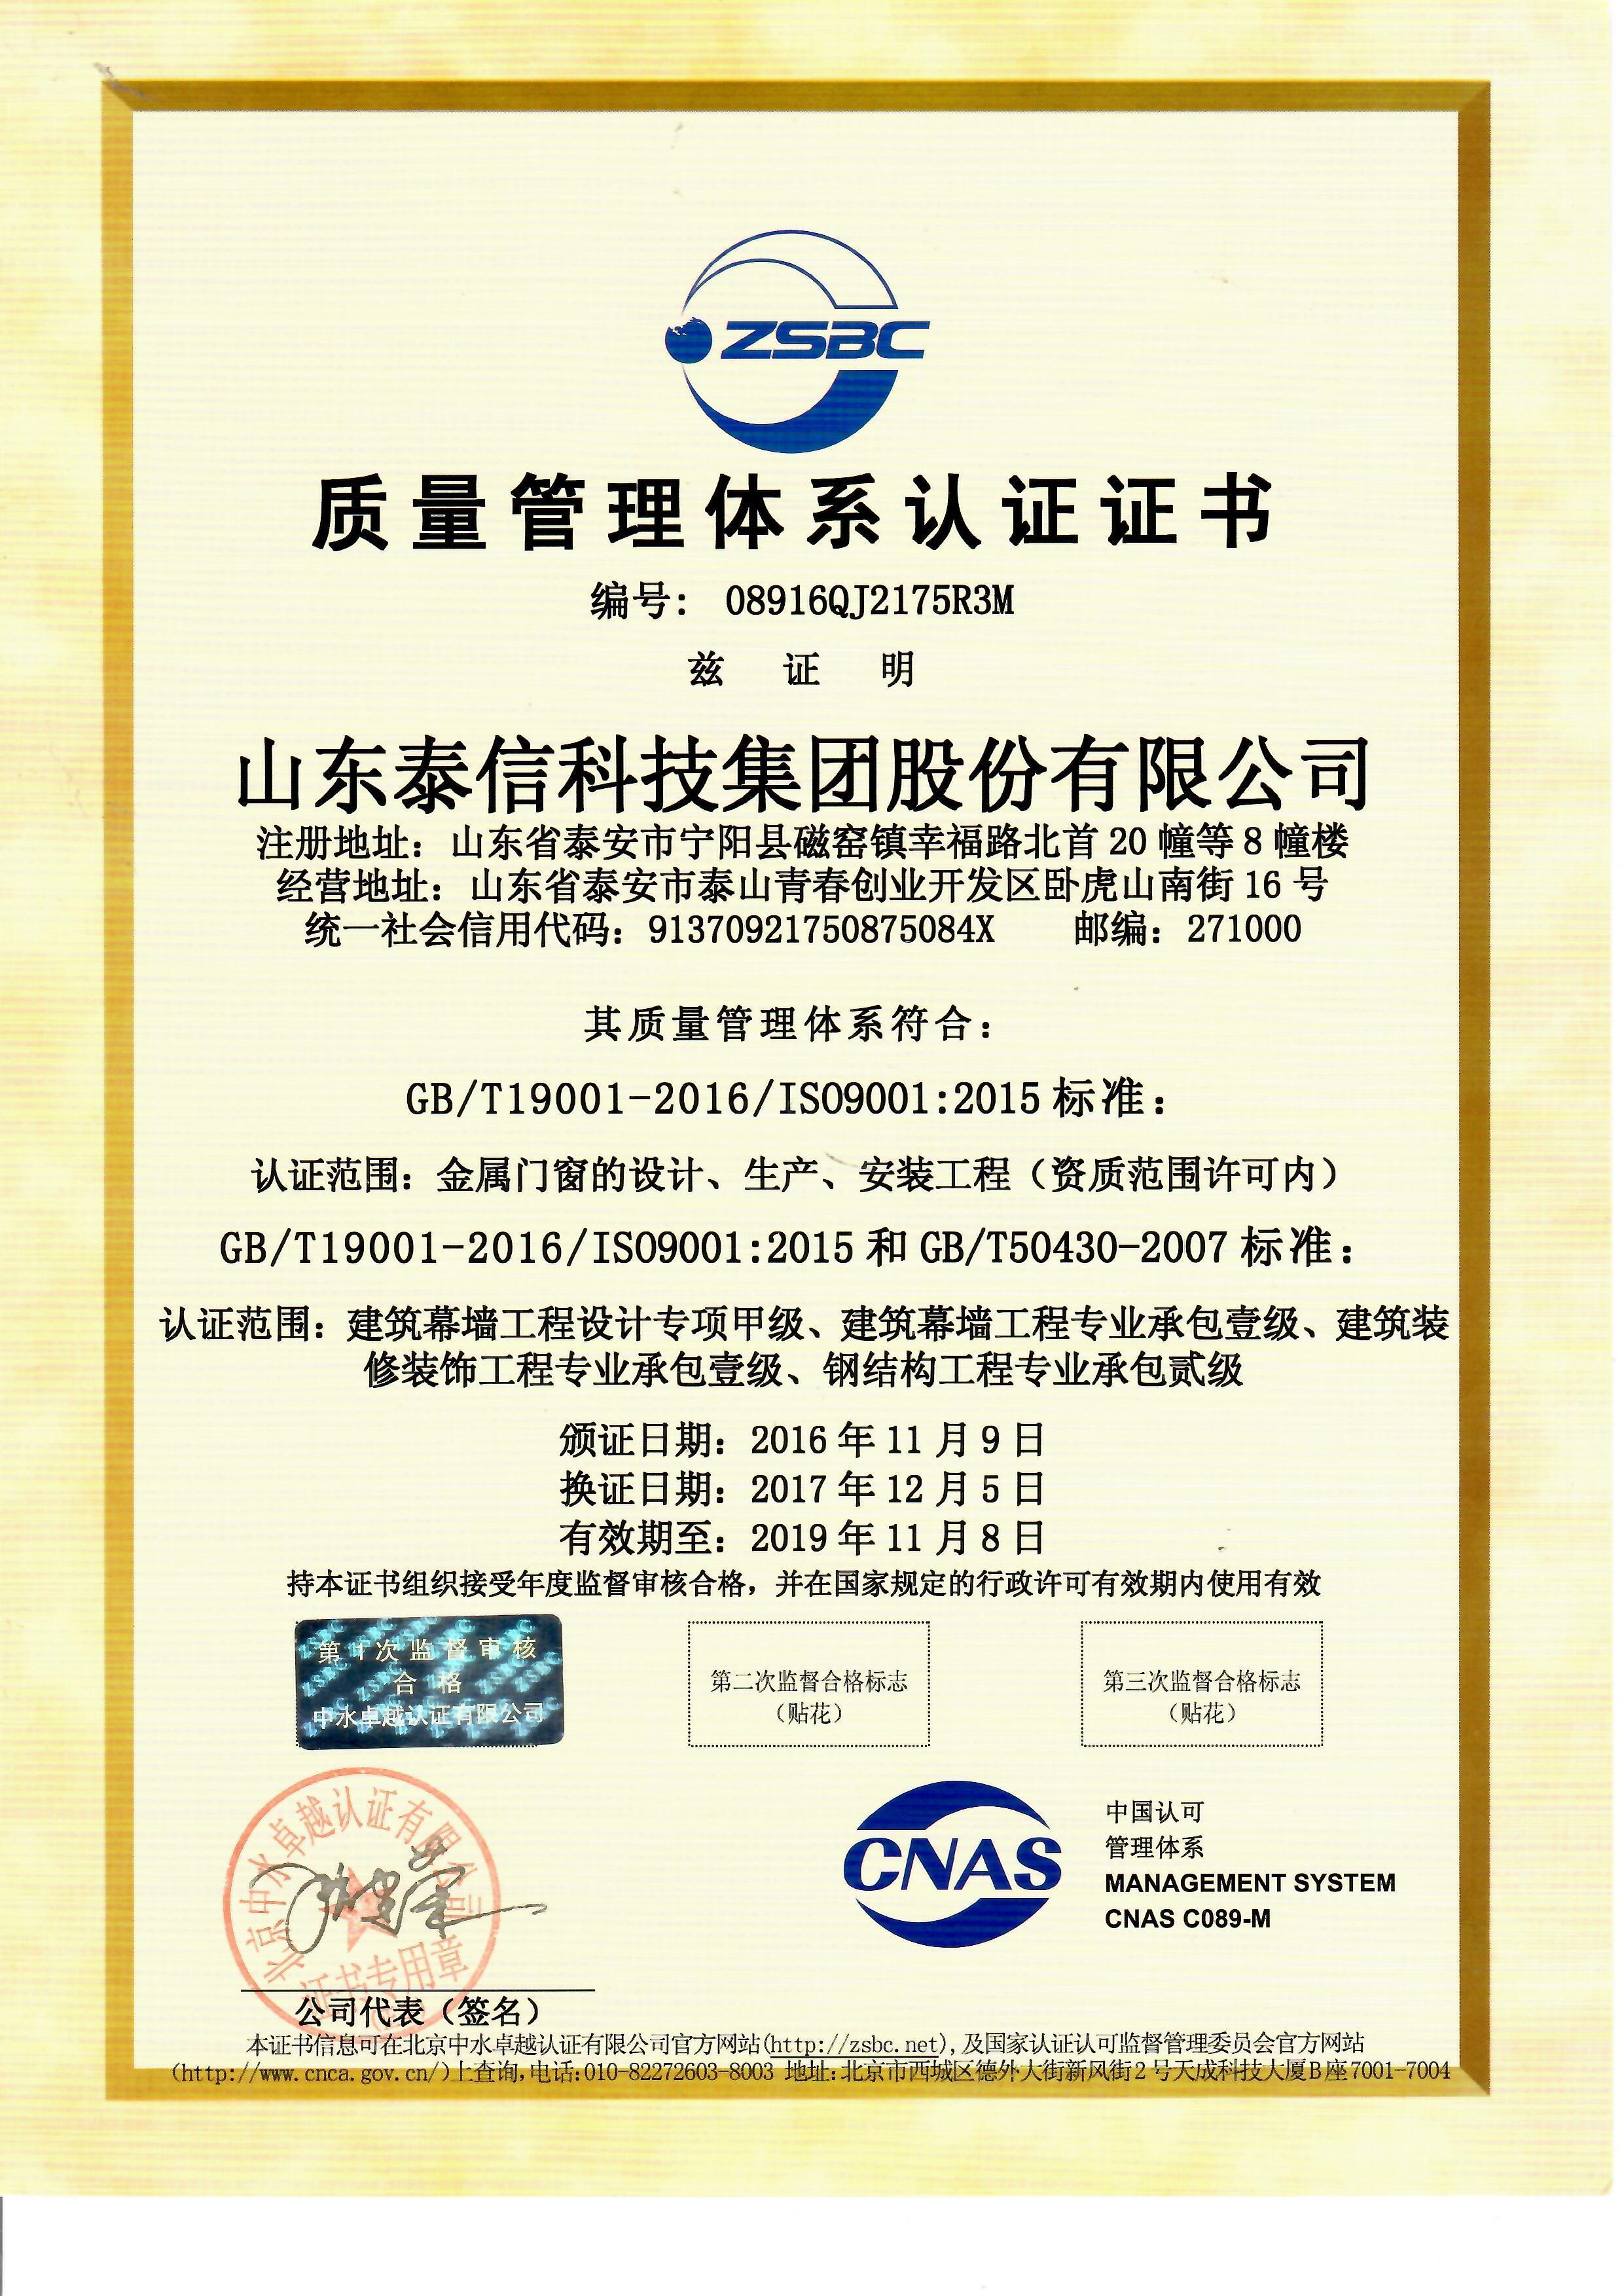 泰信质量管理体系认证证书